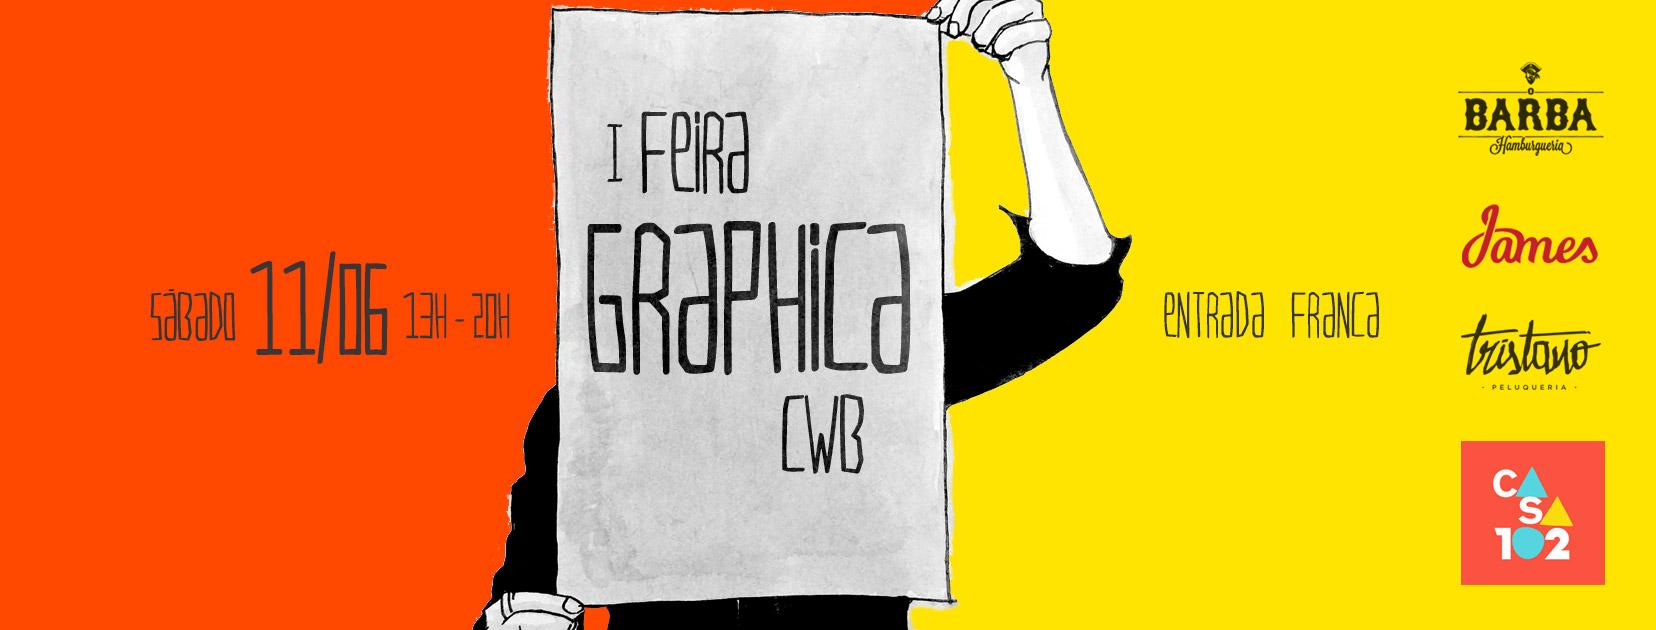 Feira Graphica CWB